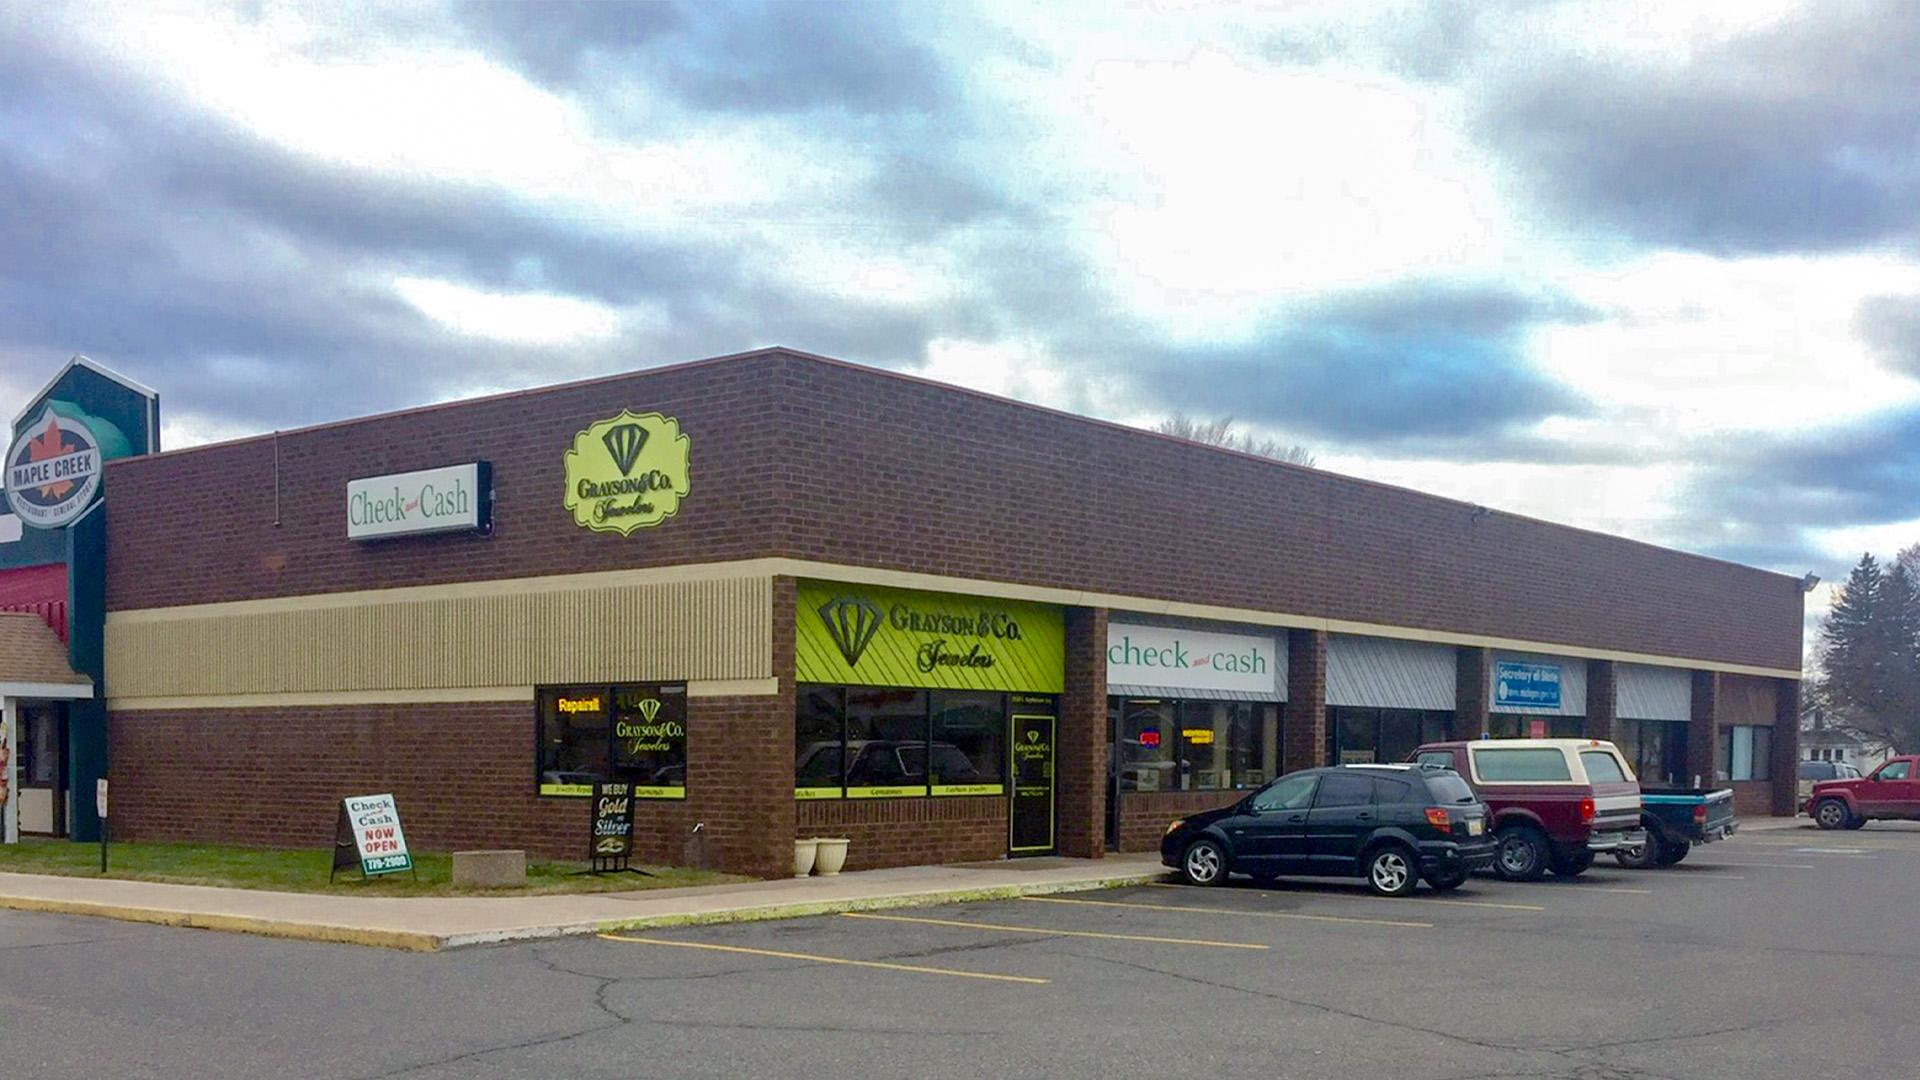 Midtown Retail Shoppng Mall Iron Mountain MI exterior north end cap